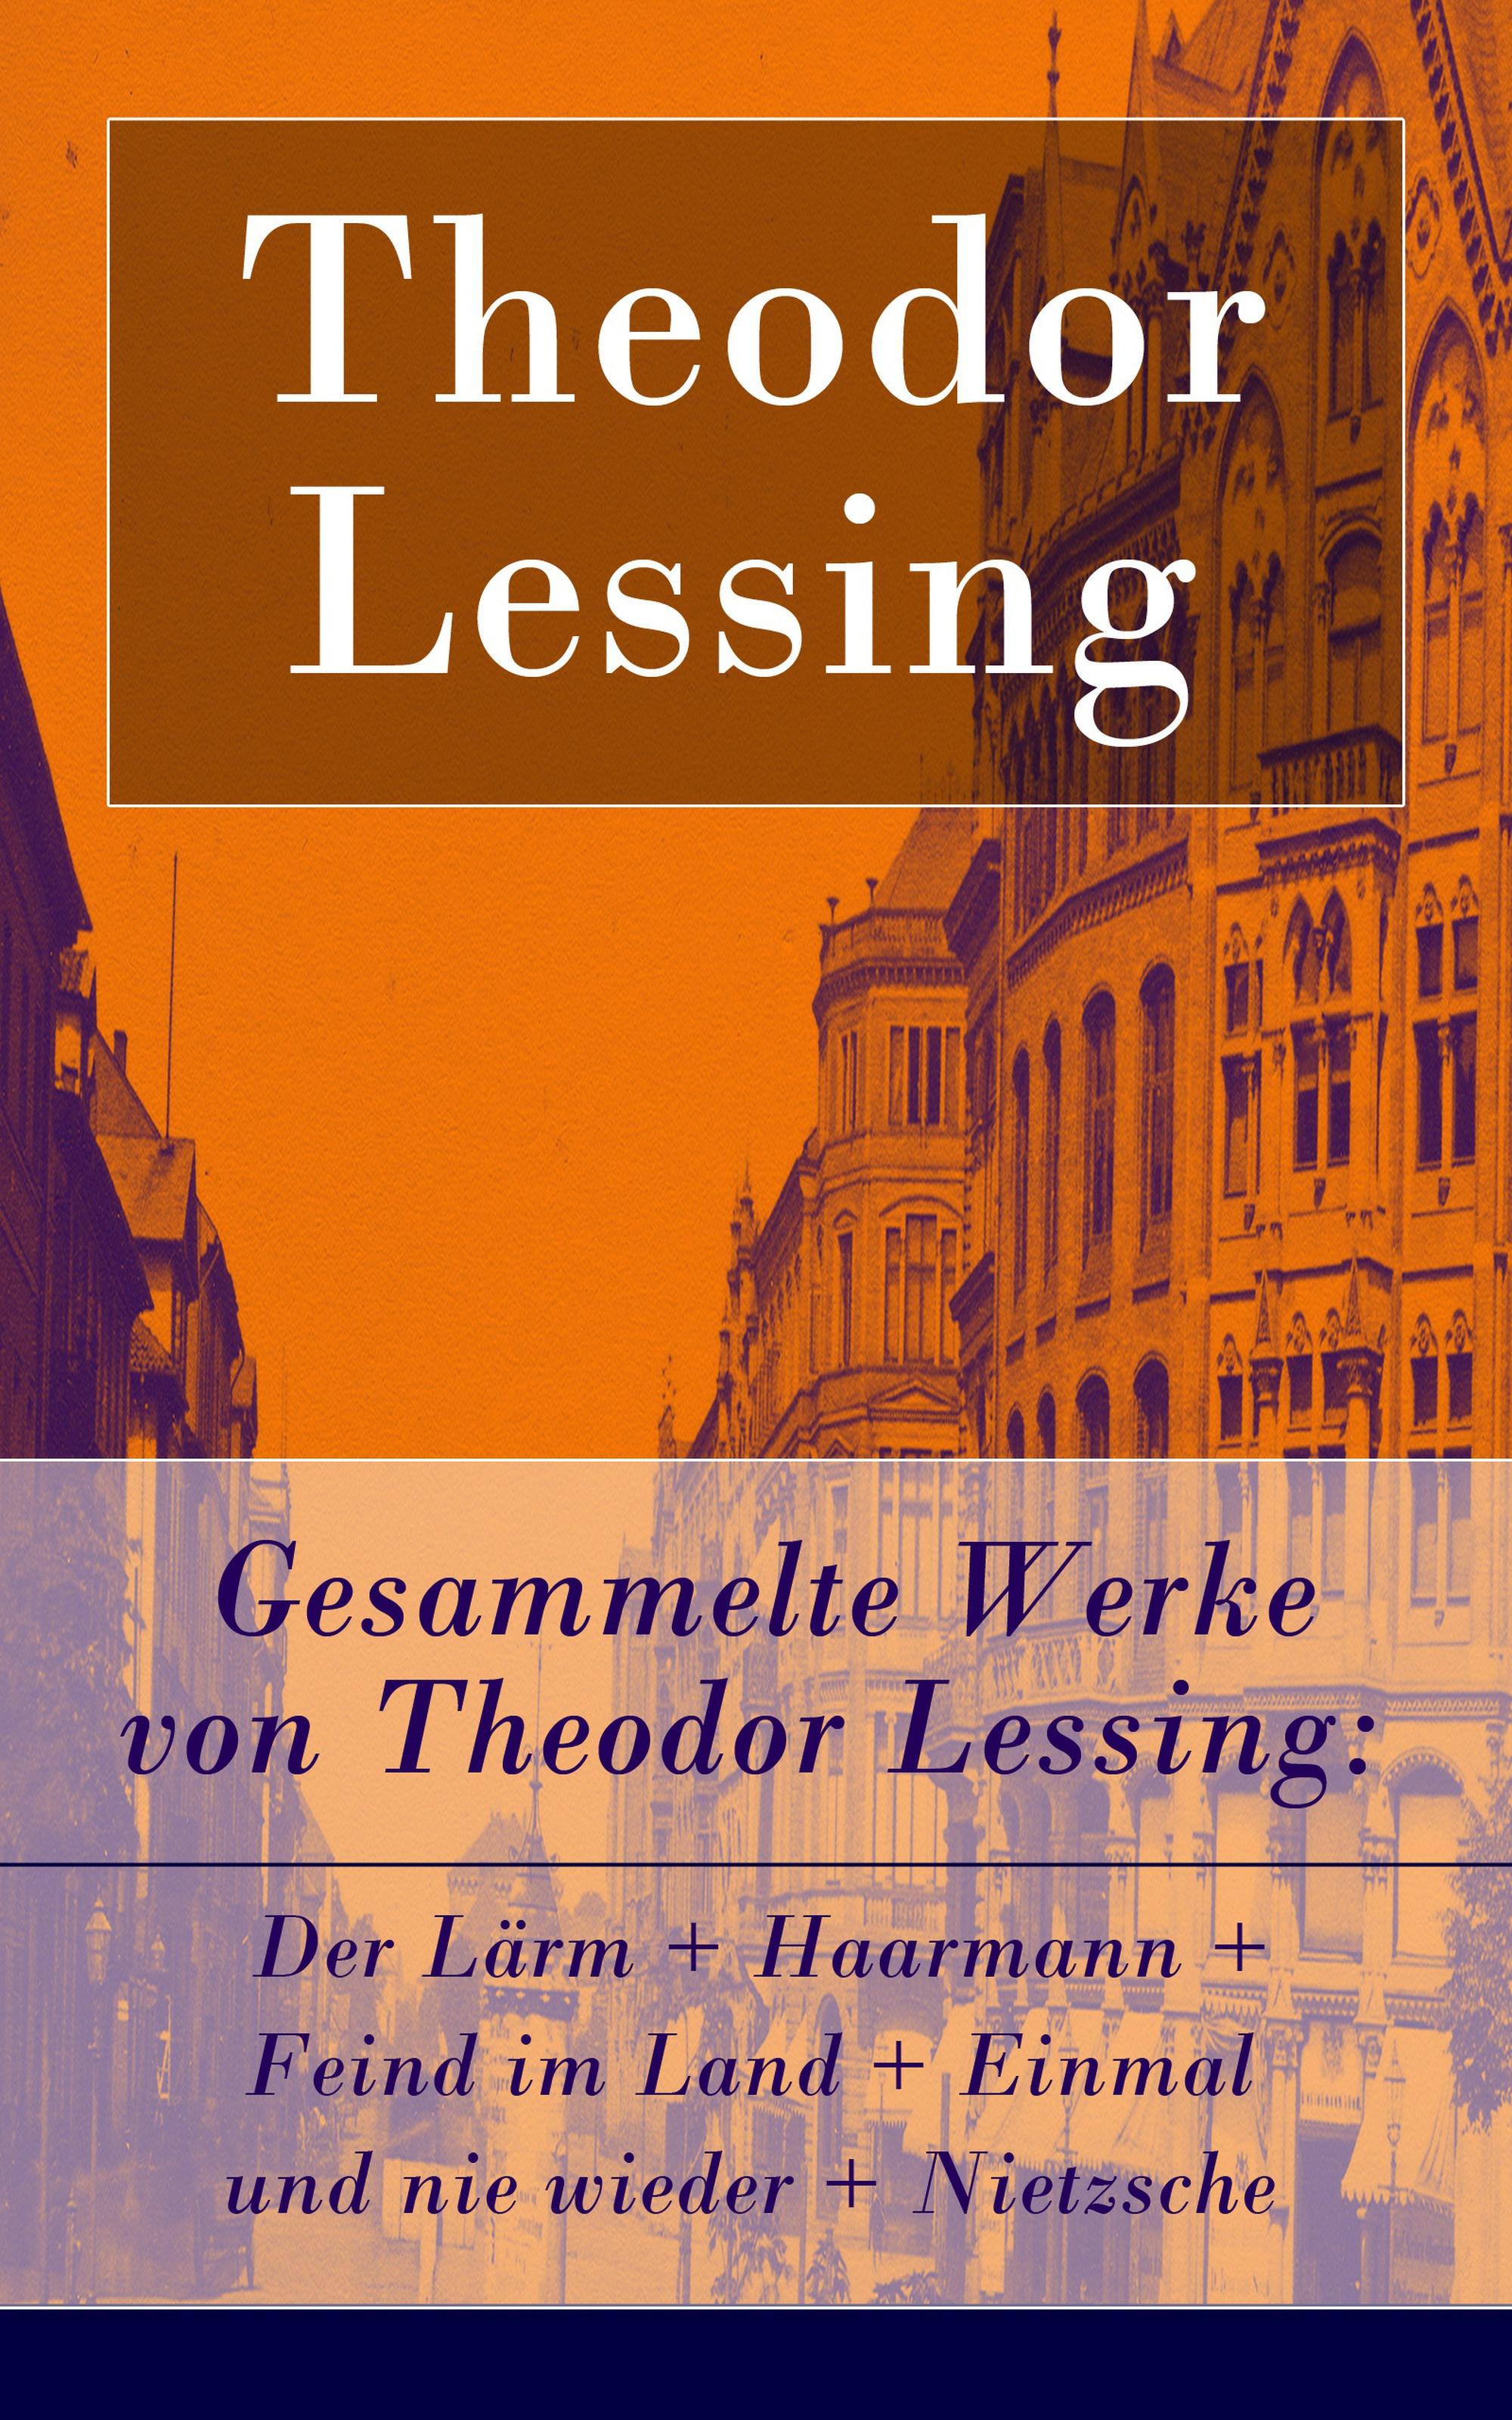 Theodor Lessing Gesammelte Werke von Theodor Lessing: Der Lärm + Haarmann + Feind im Land + Einmal und nie wieder + Nietzsche недорого